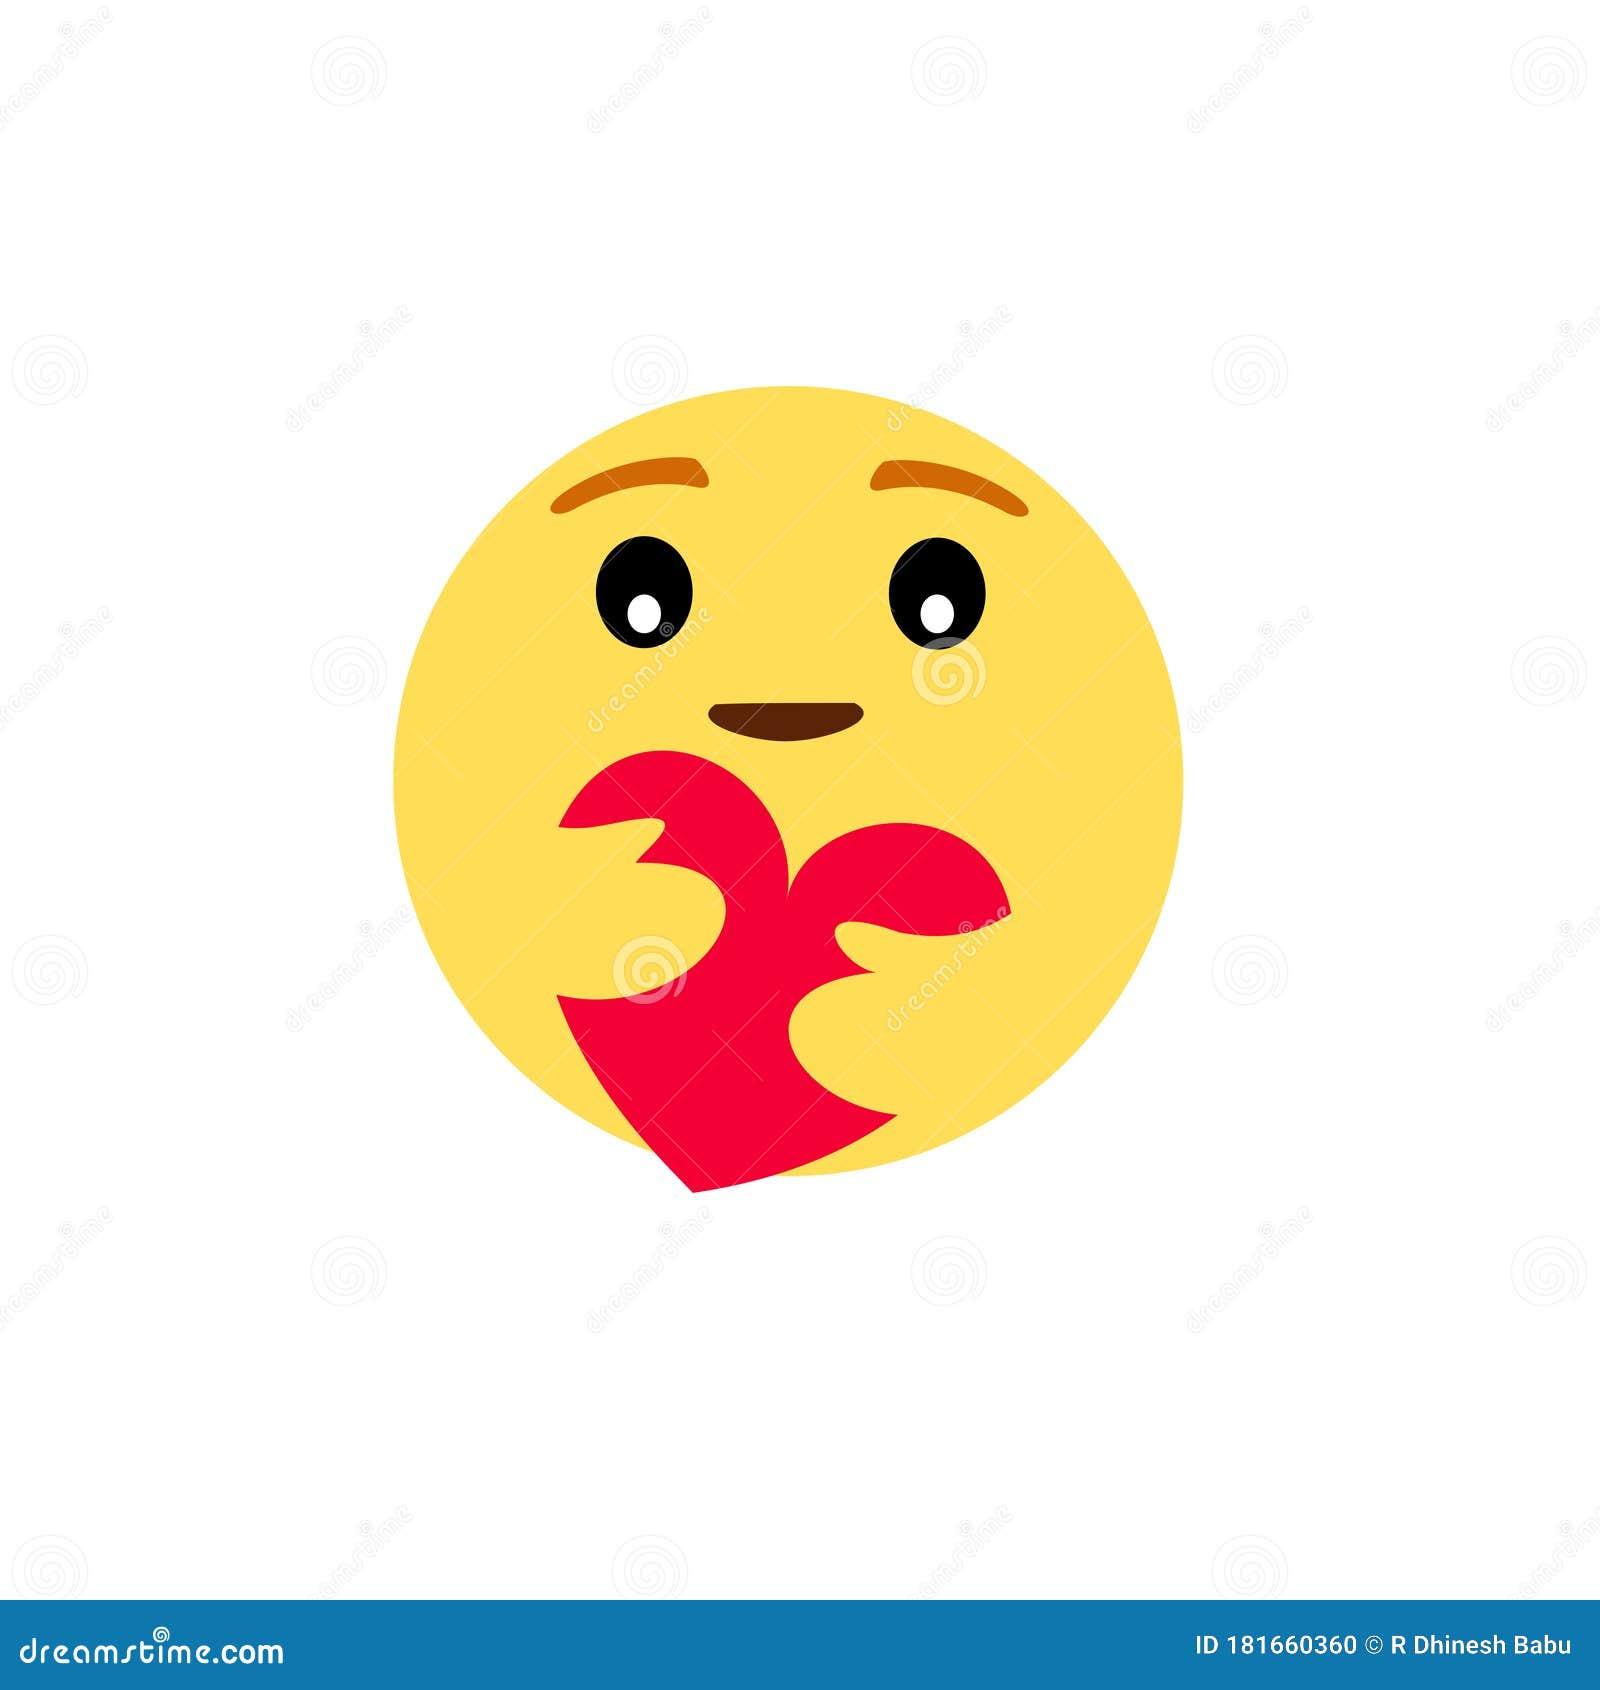 Nouveau Soin Emoji Facebook Emoji Illustration Stock Illustration Du Emoji Soin 181660360